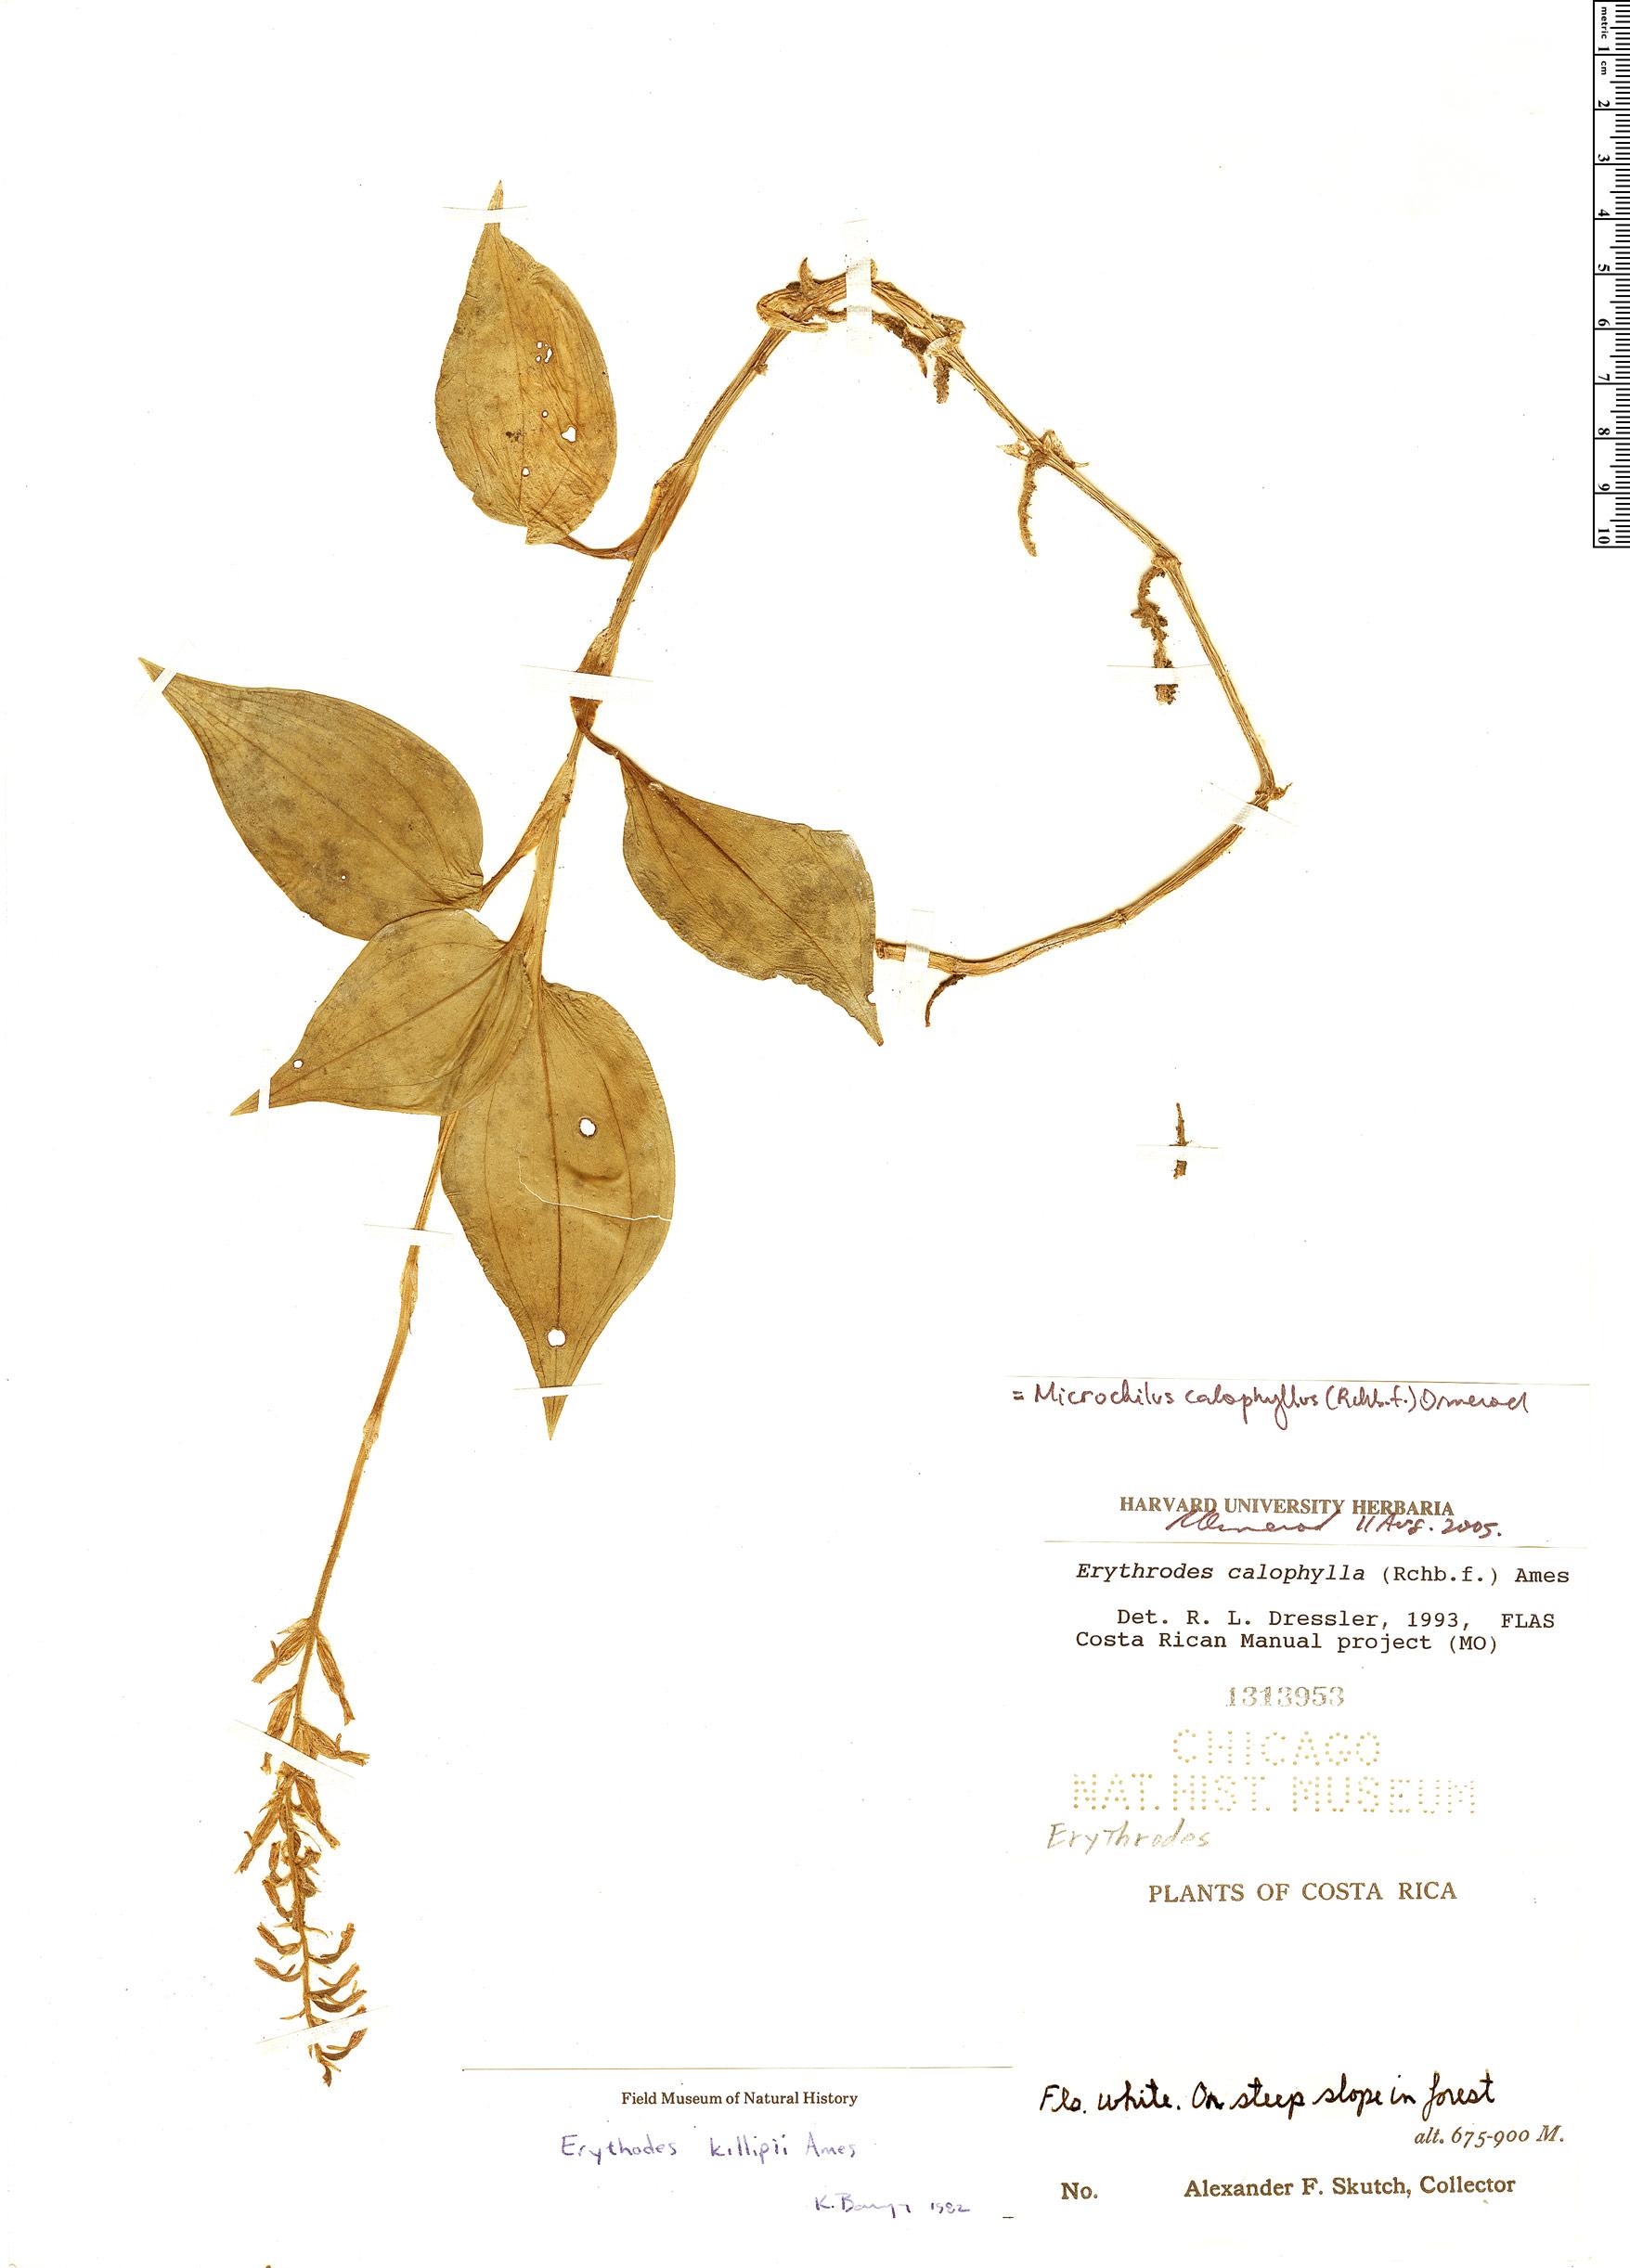 Specimen: Microchilus calophyllus